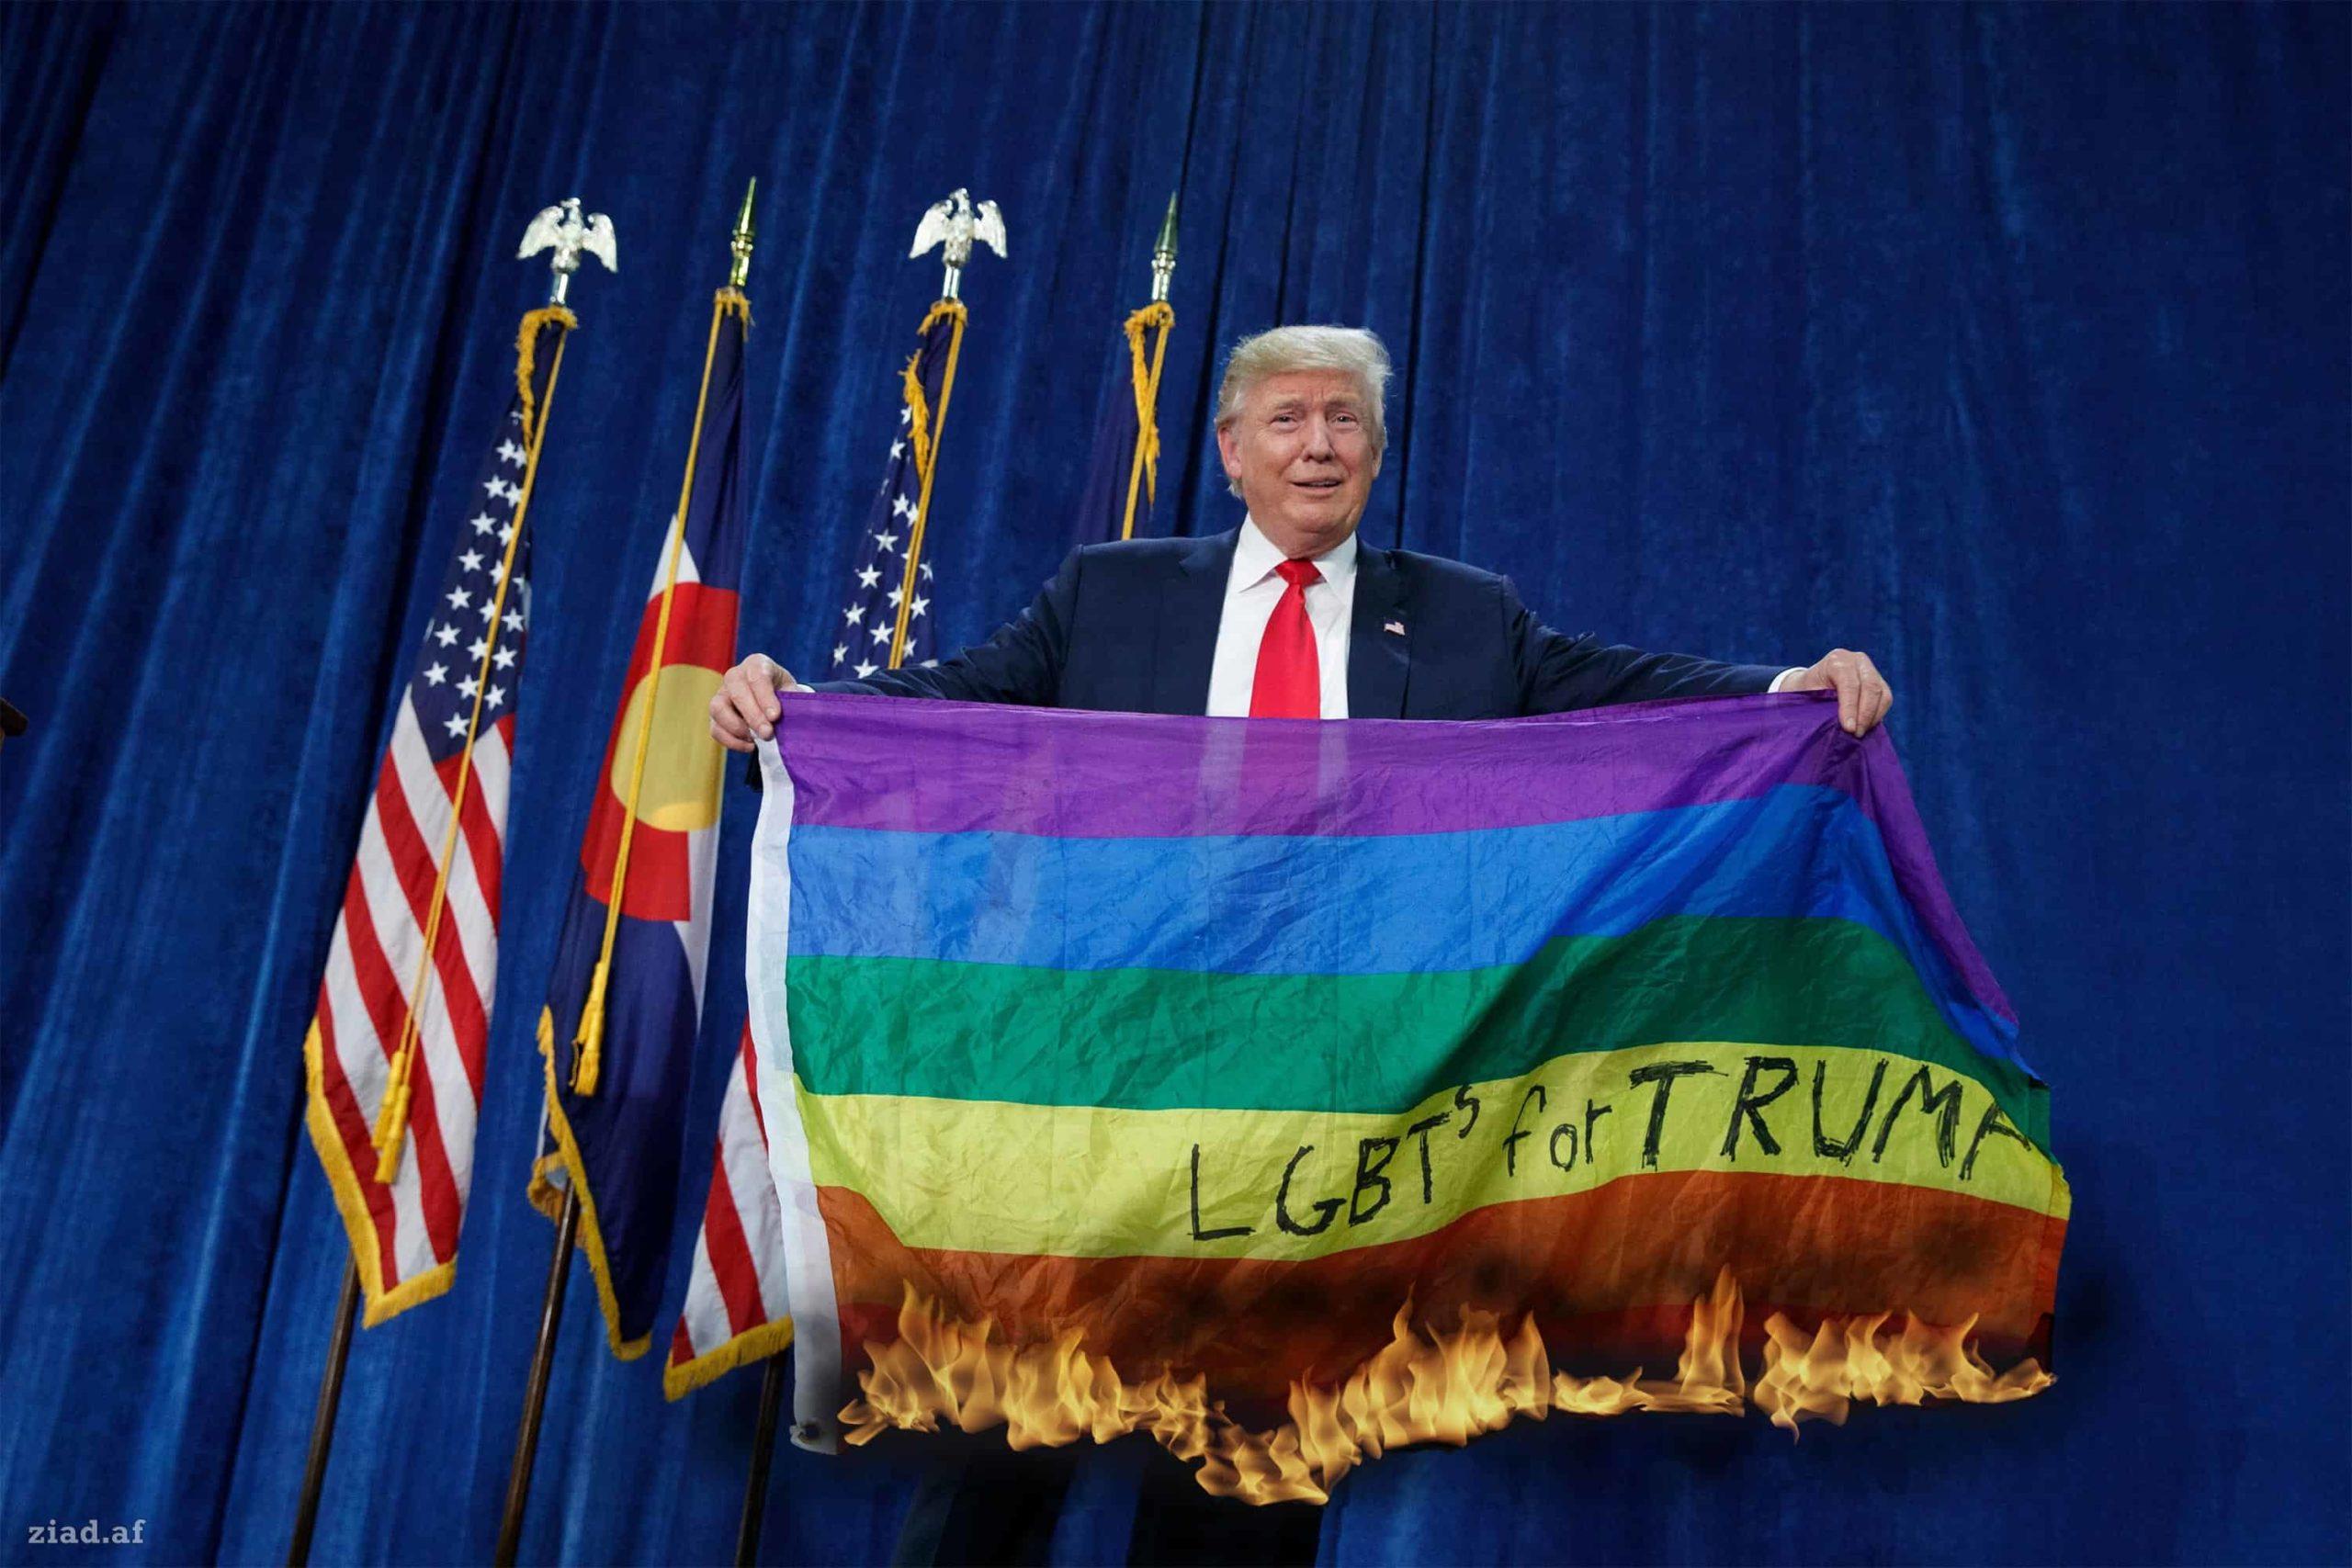 LBGTs for Trump